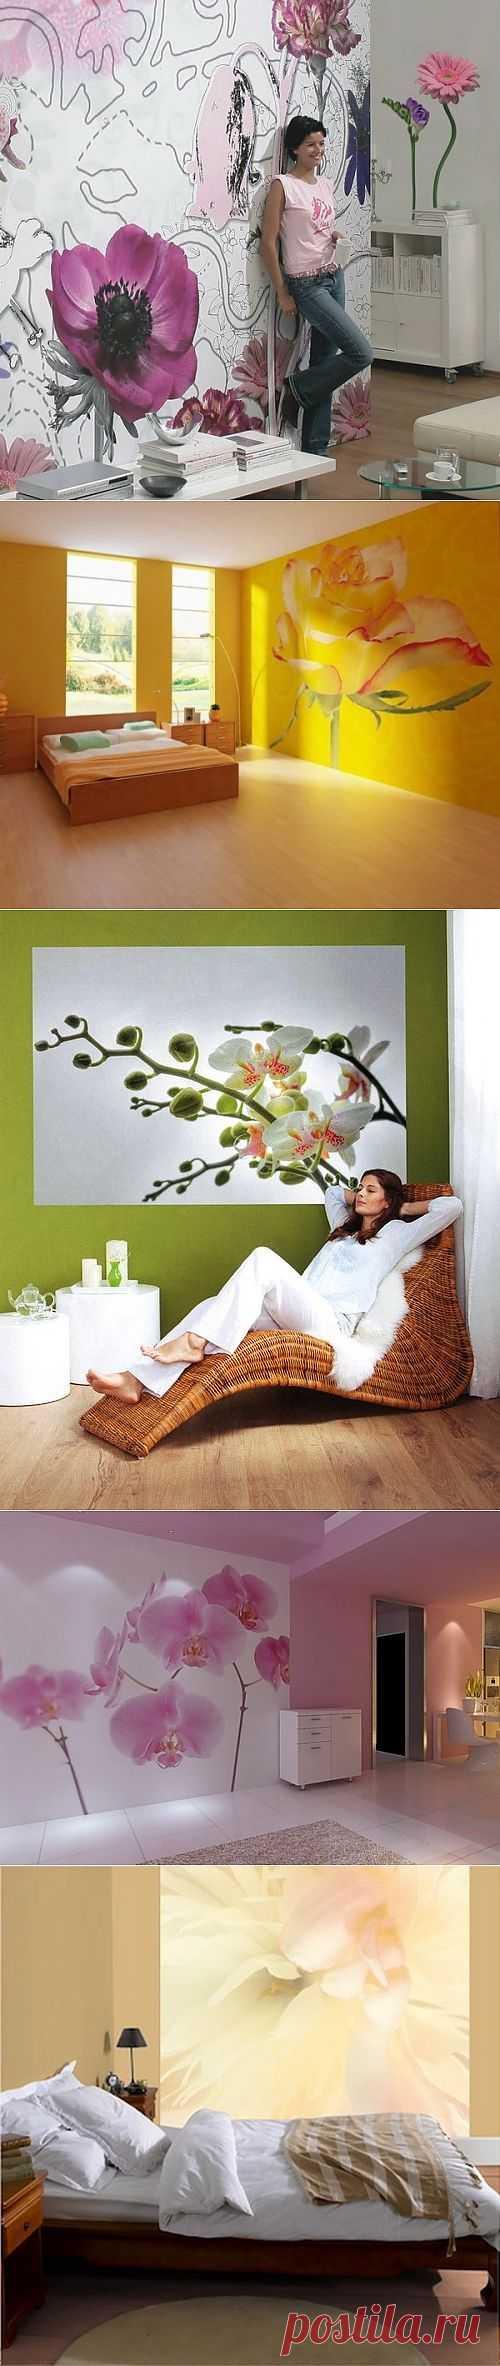 Декор стен!!! Цветочные фото-обои в интерьере.